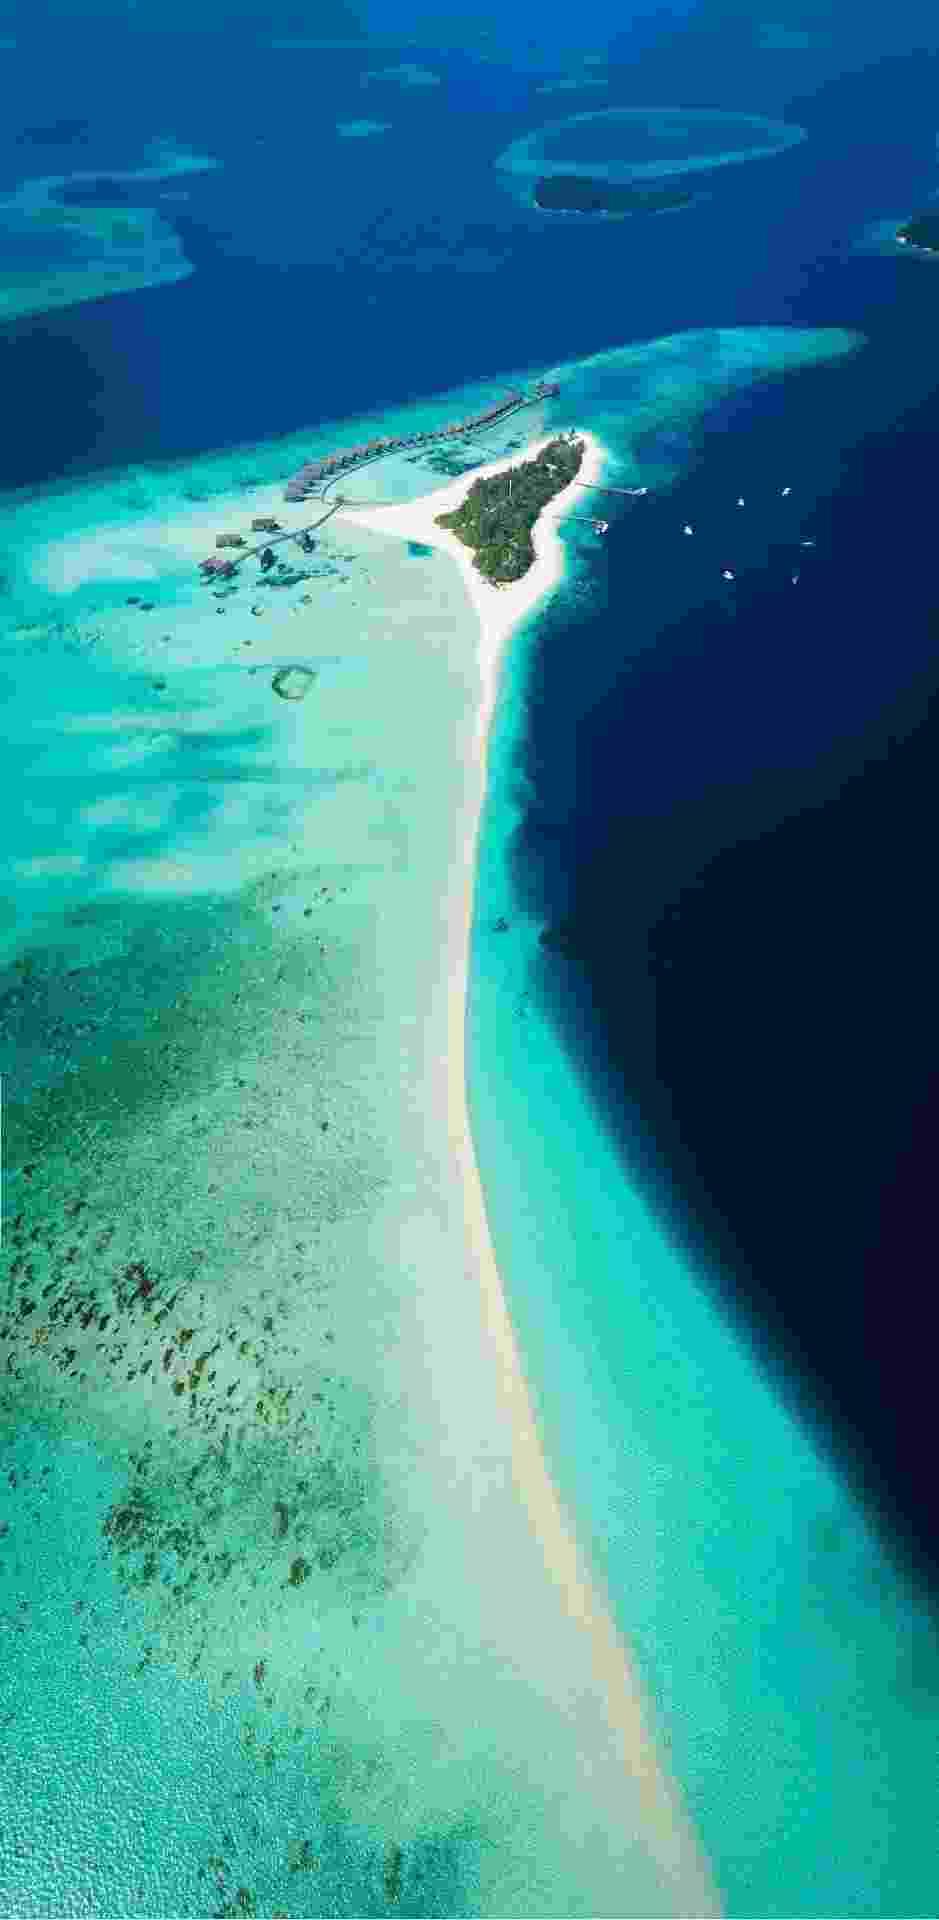 Maldivas - Shifaaz shamoon/Unsplash